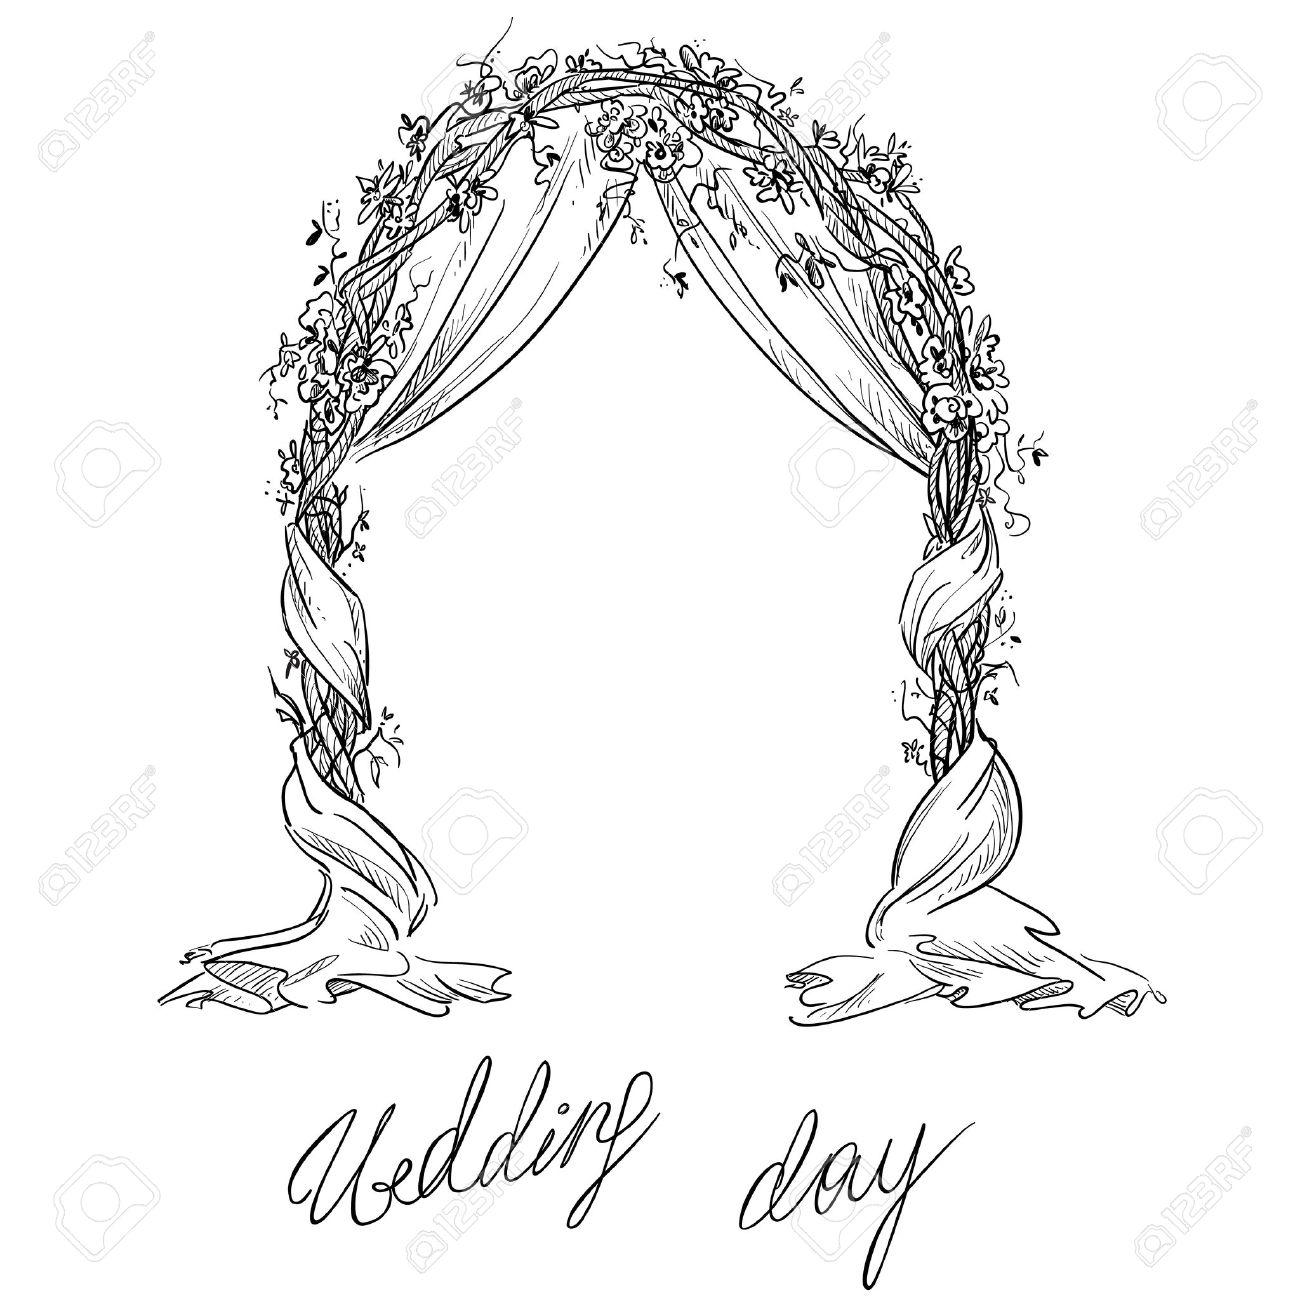 Wedding arch decoration vector sketch design element royalty wedding arch decoration vector sketch design element stock vector 43231219 junglespirit Gallery